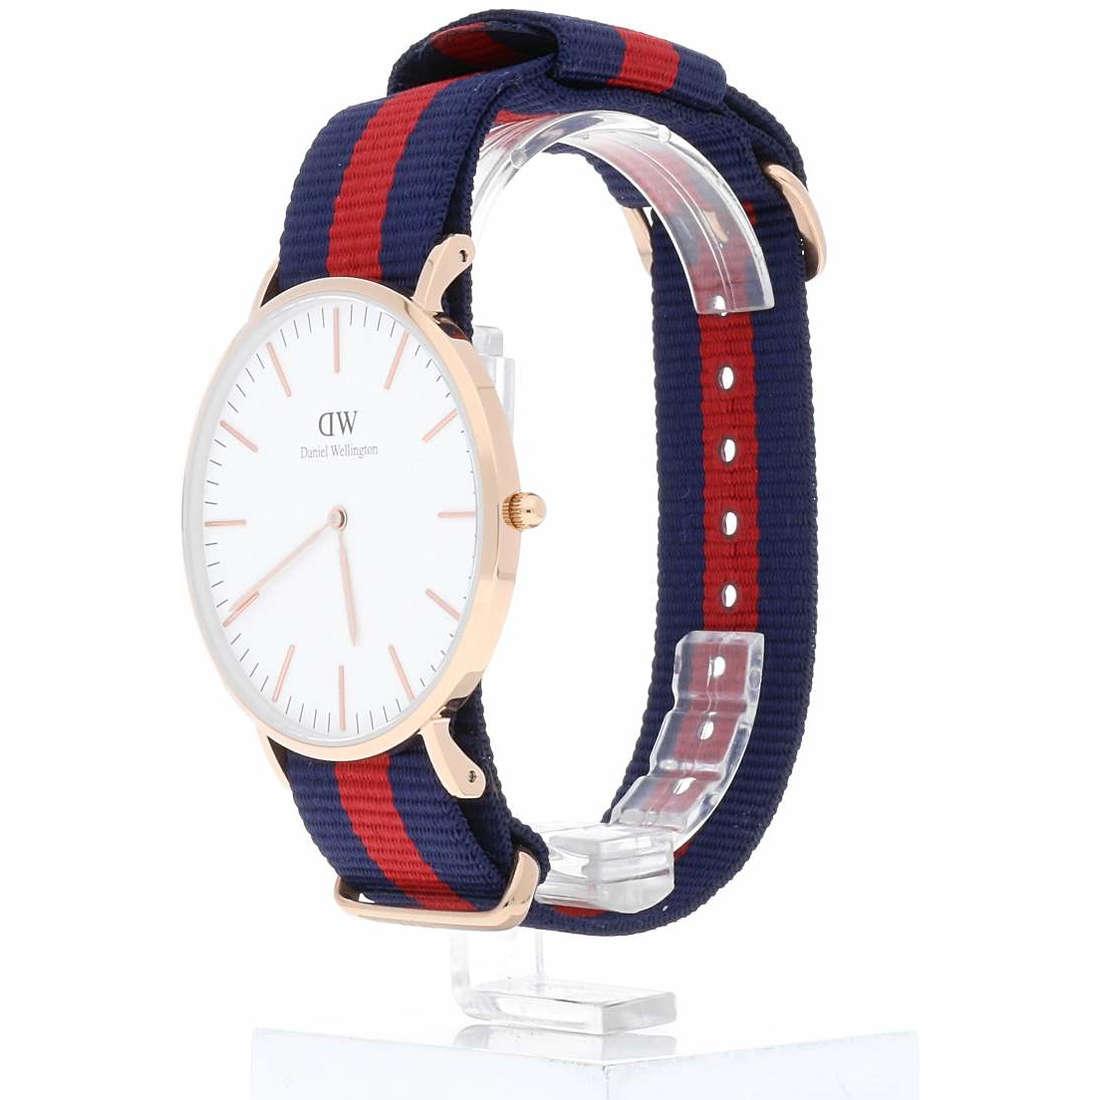 sale watches unisex Daniel Wellington DW00100001